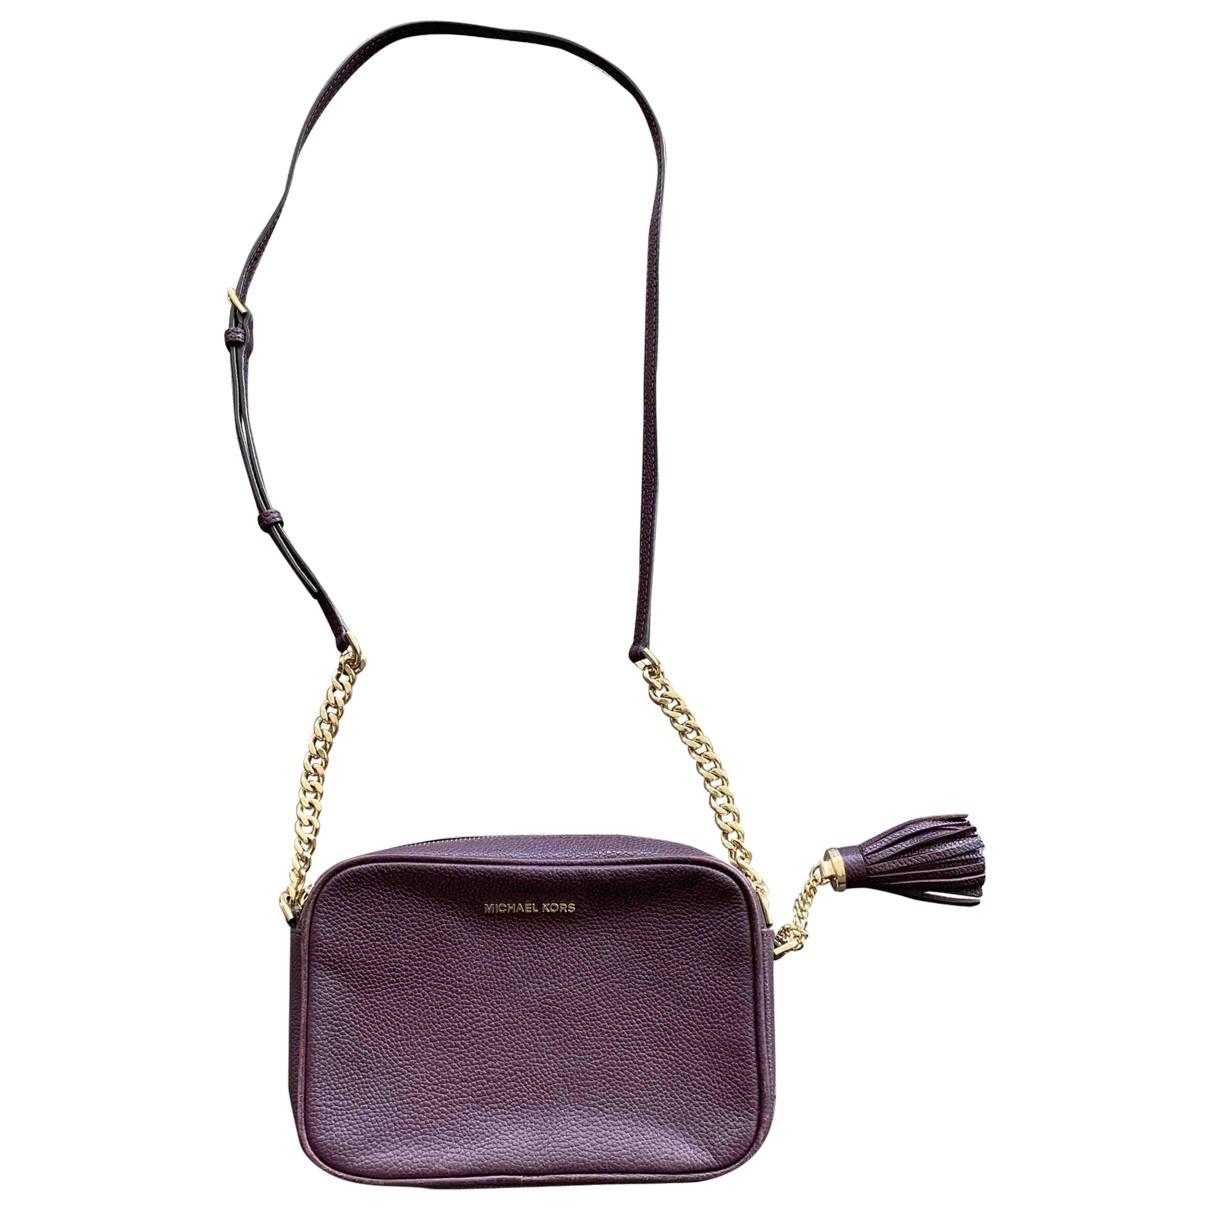 Michael Kors - Sac a main   pour femme en cuir - violet